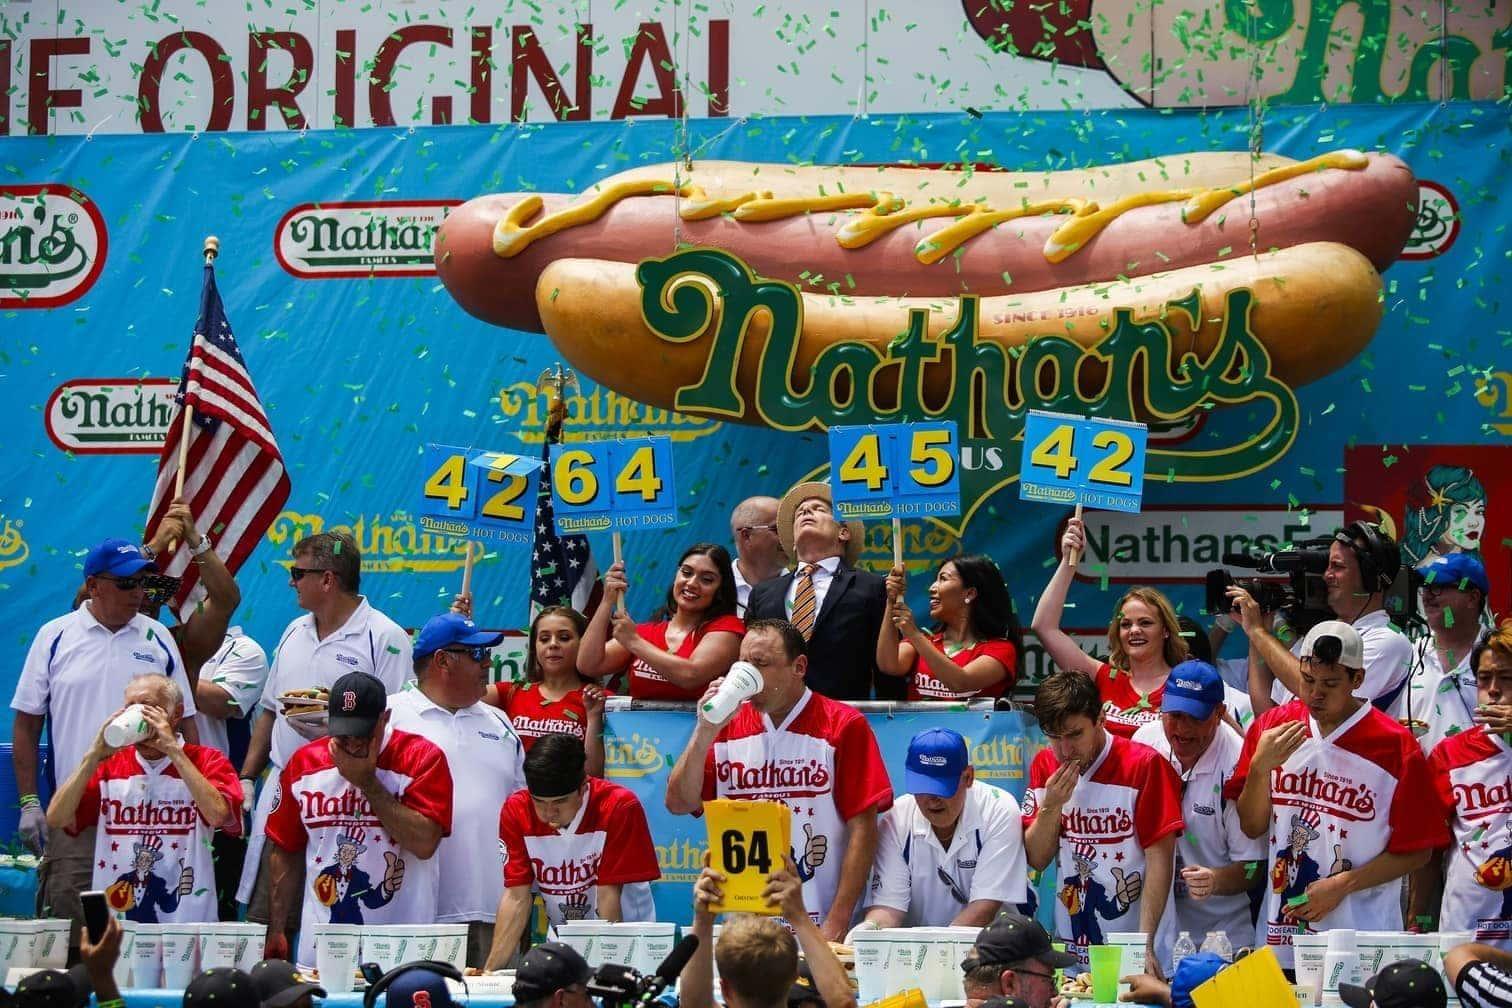 <p>Sehen Sie weitere Bilder vom spektakulären Wettbewerb.</p> Foto: AFP